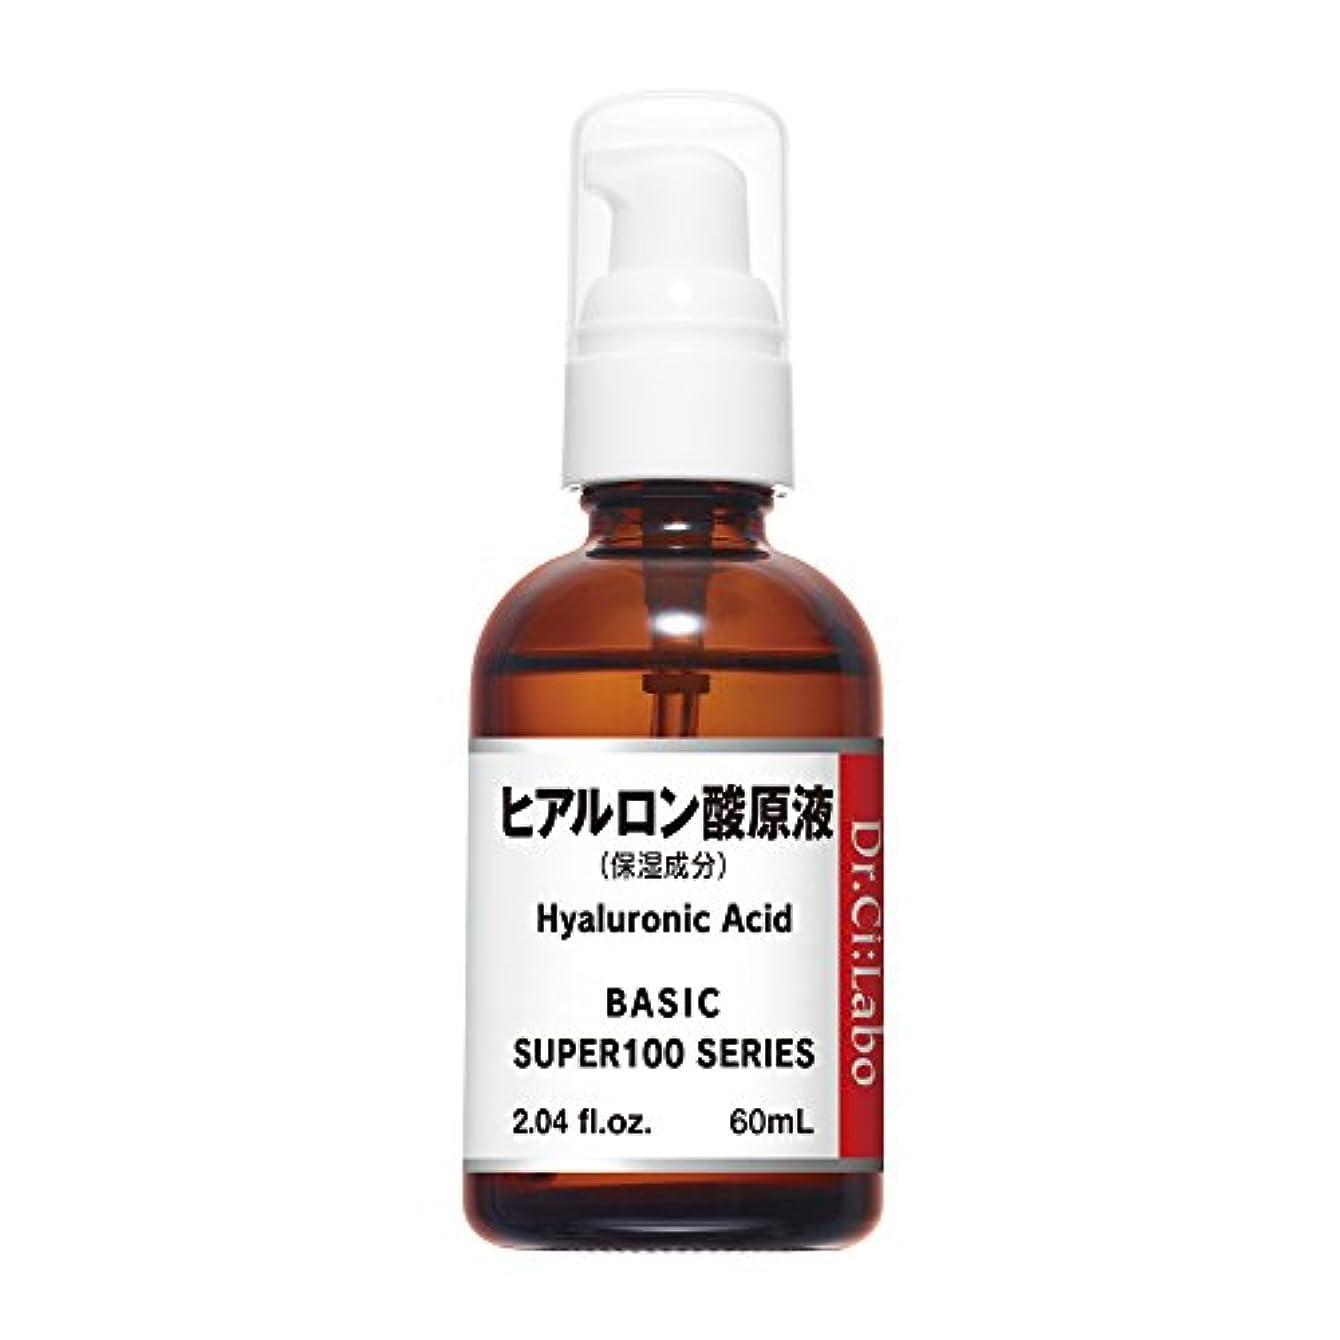 句マリナーゆるくドクターシーラボ スーパー100シリーズ ヒアルロン酸原液 60mL(BIG) 原液化粧品